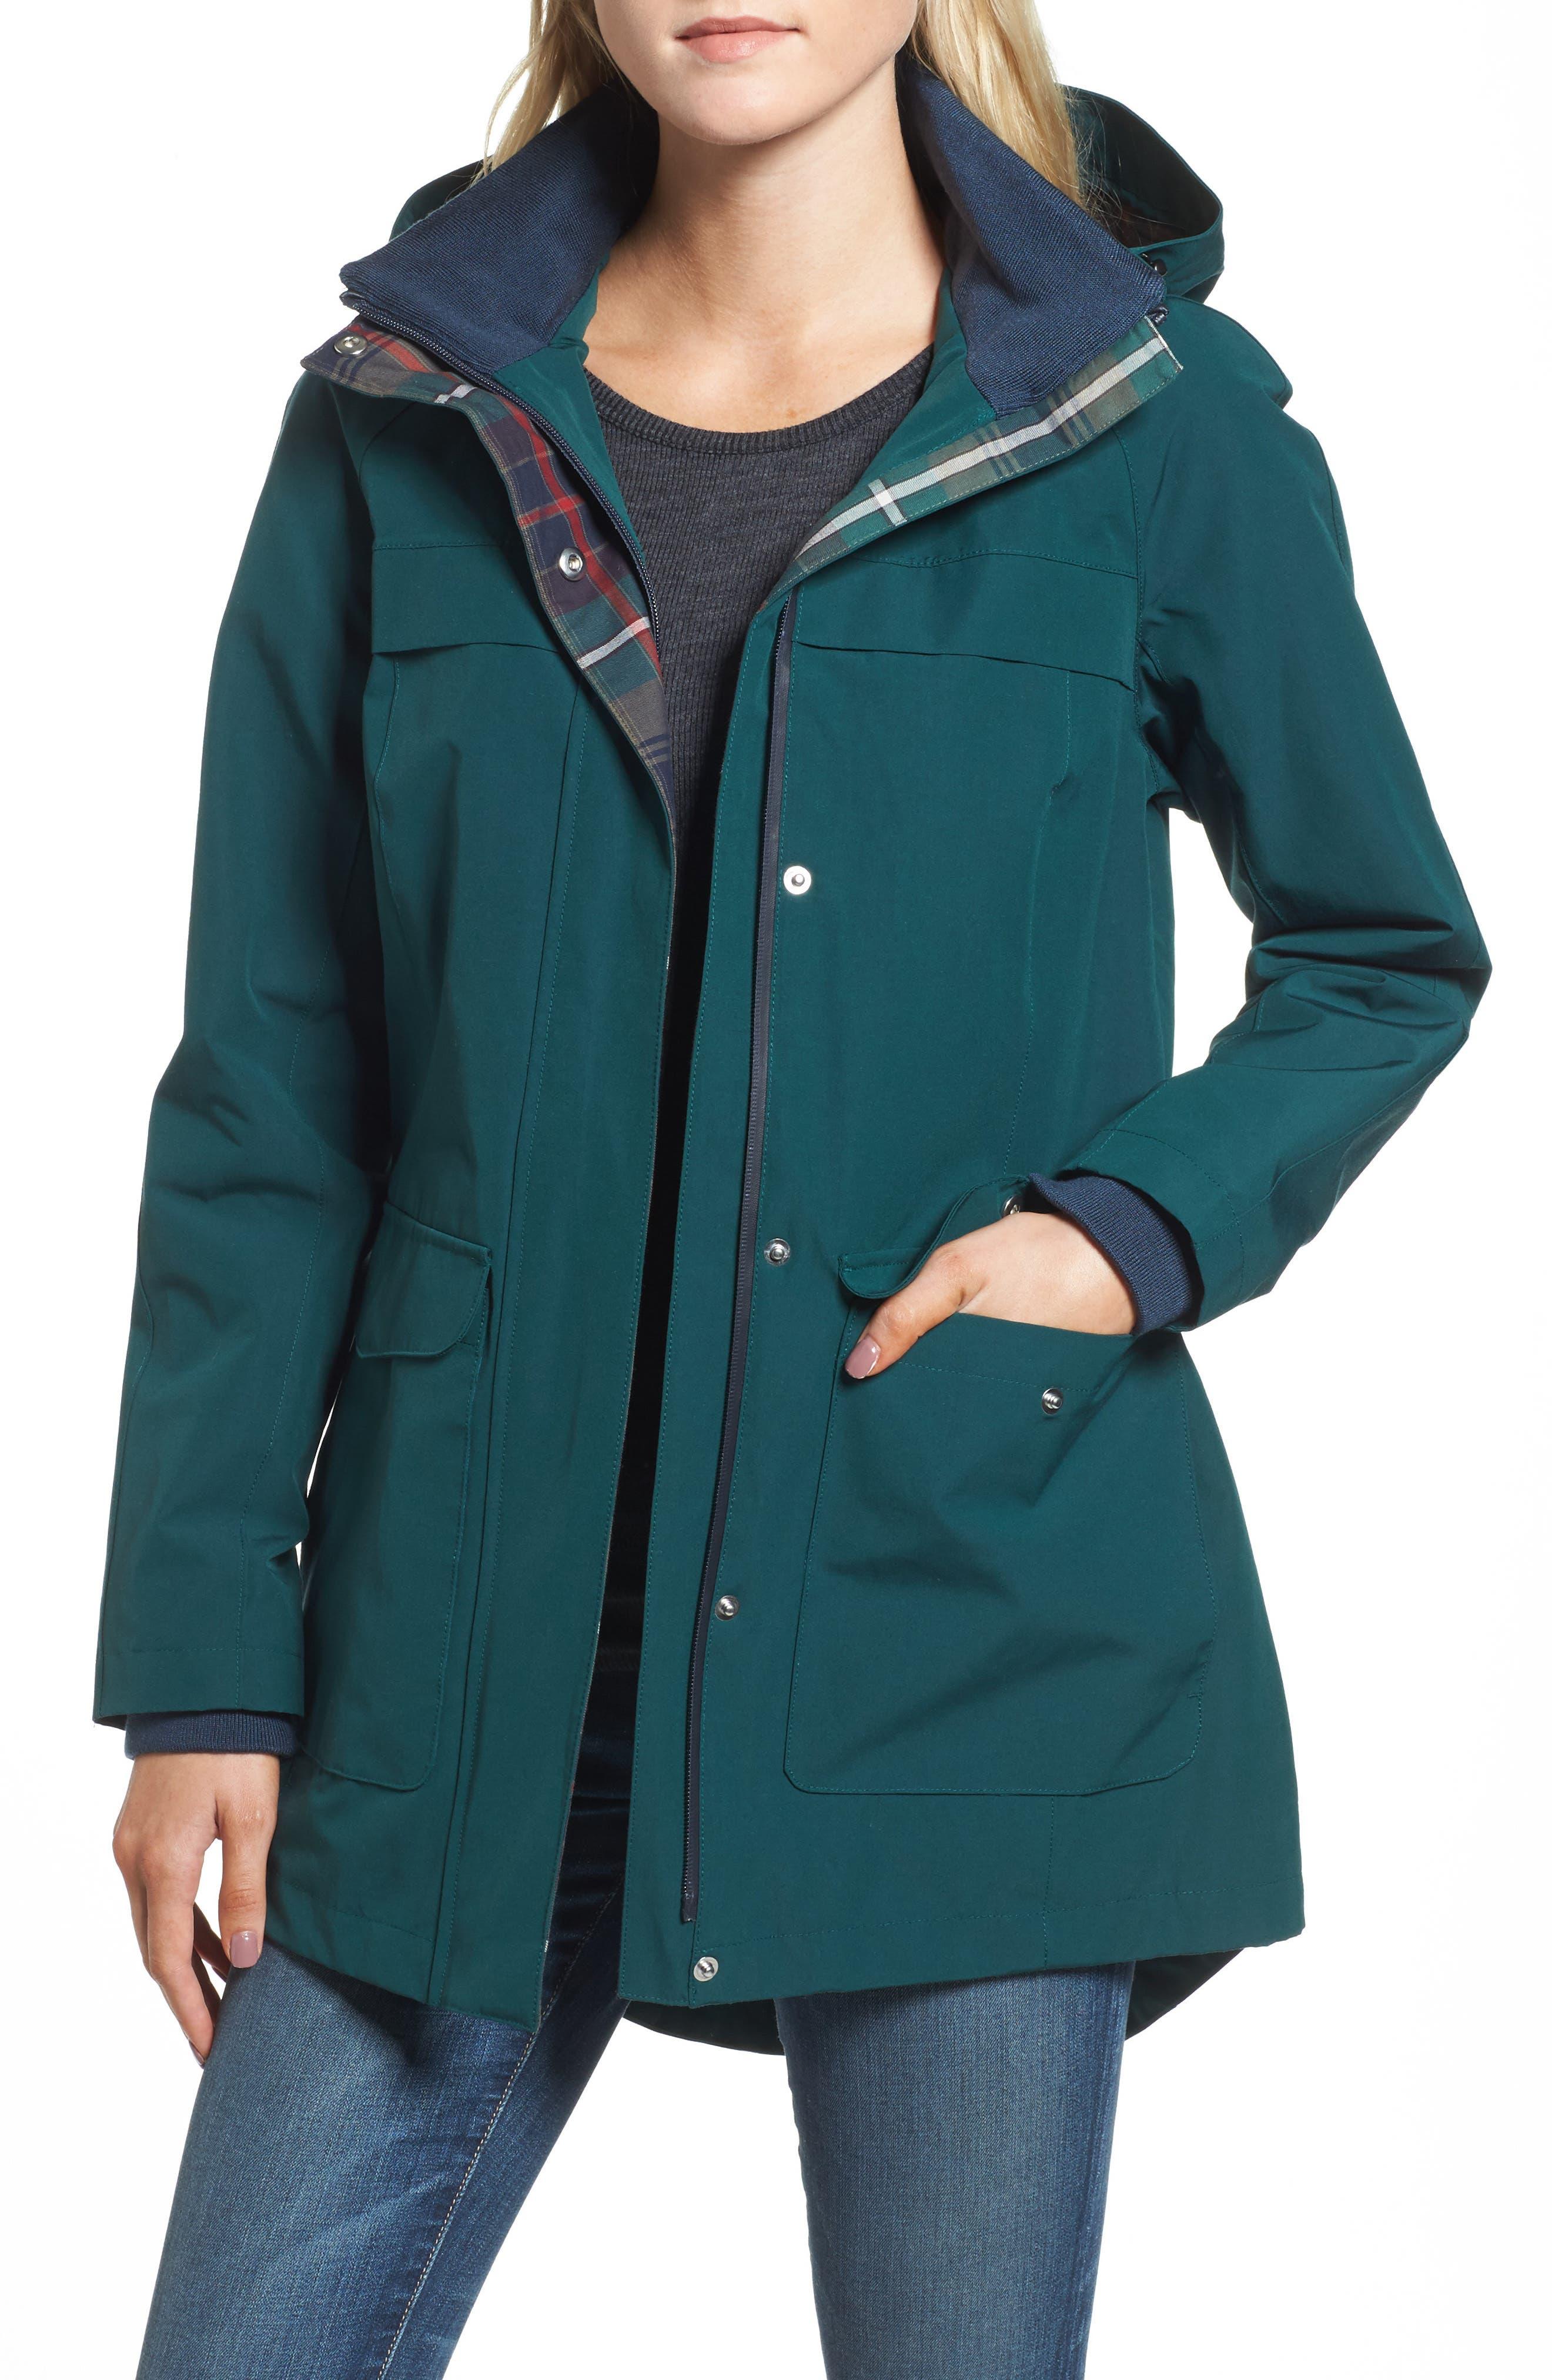 PENDLETON Hooded Raincoat, Main, color, 331